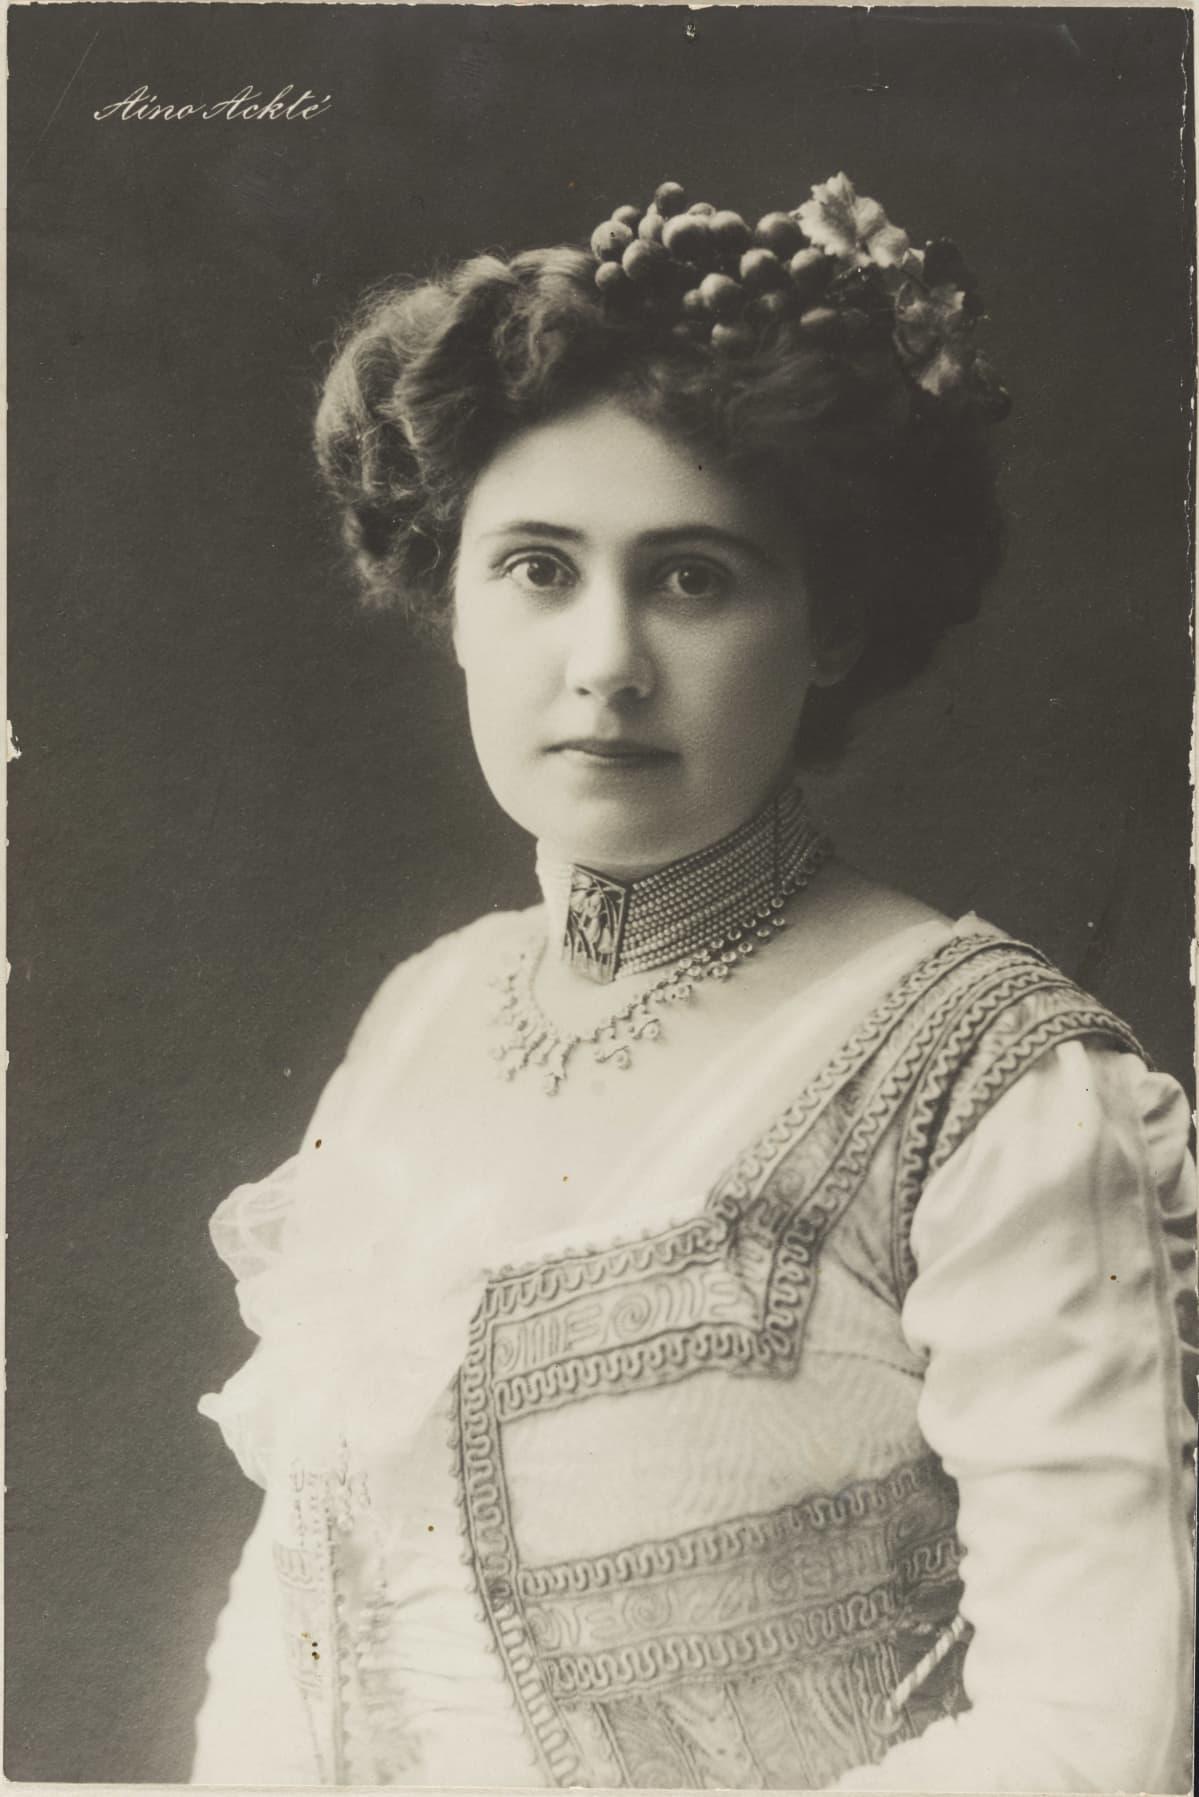 Aino Ackté